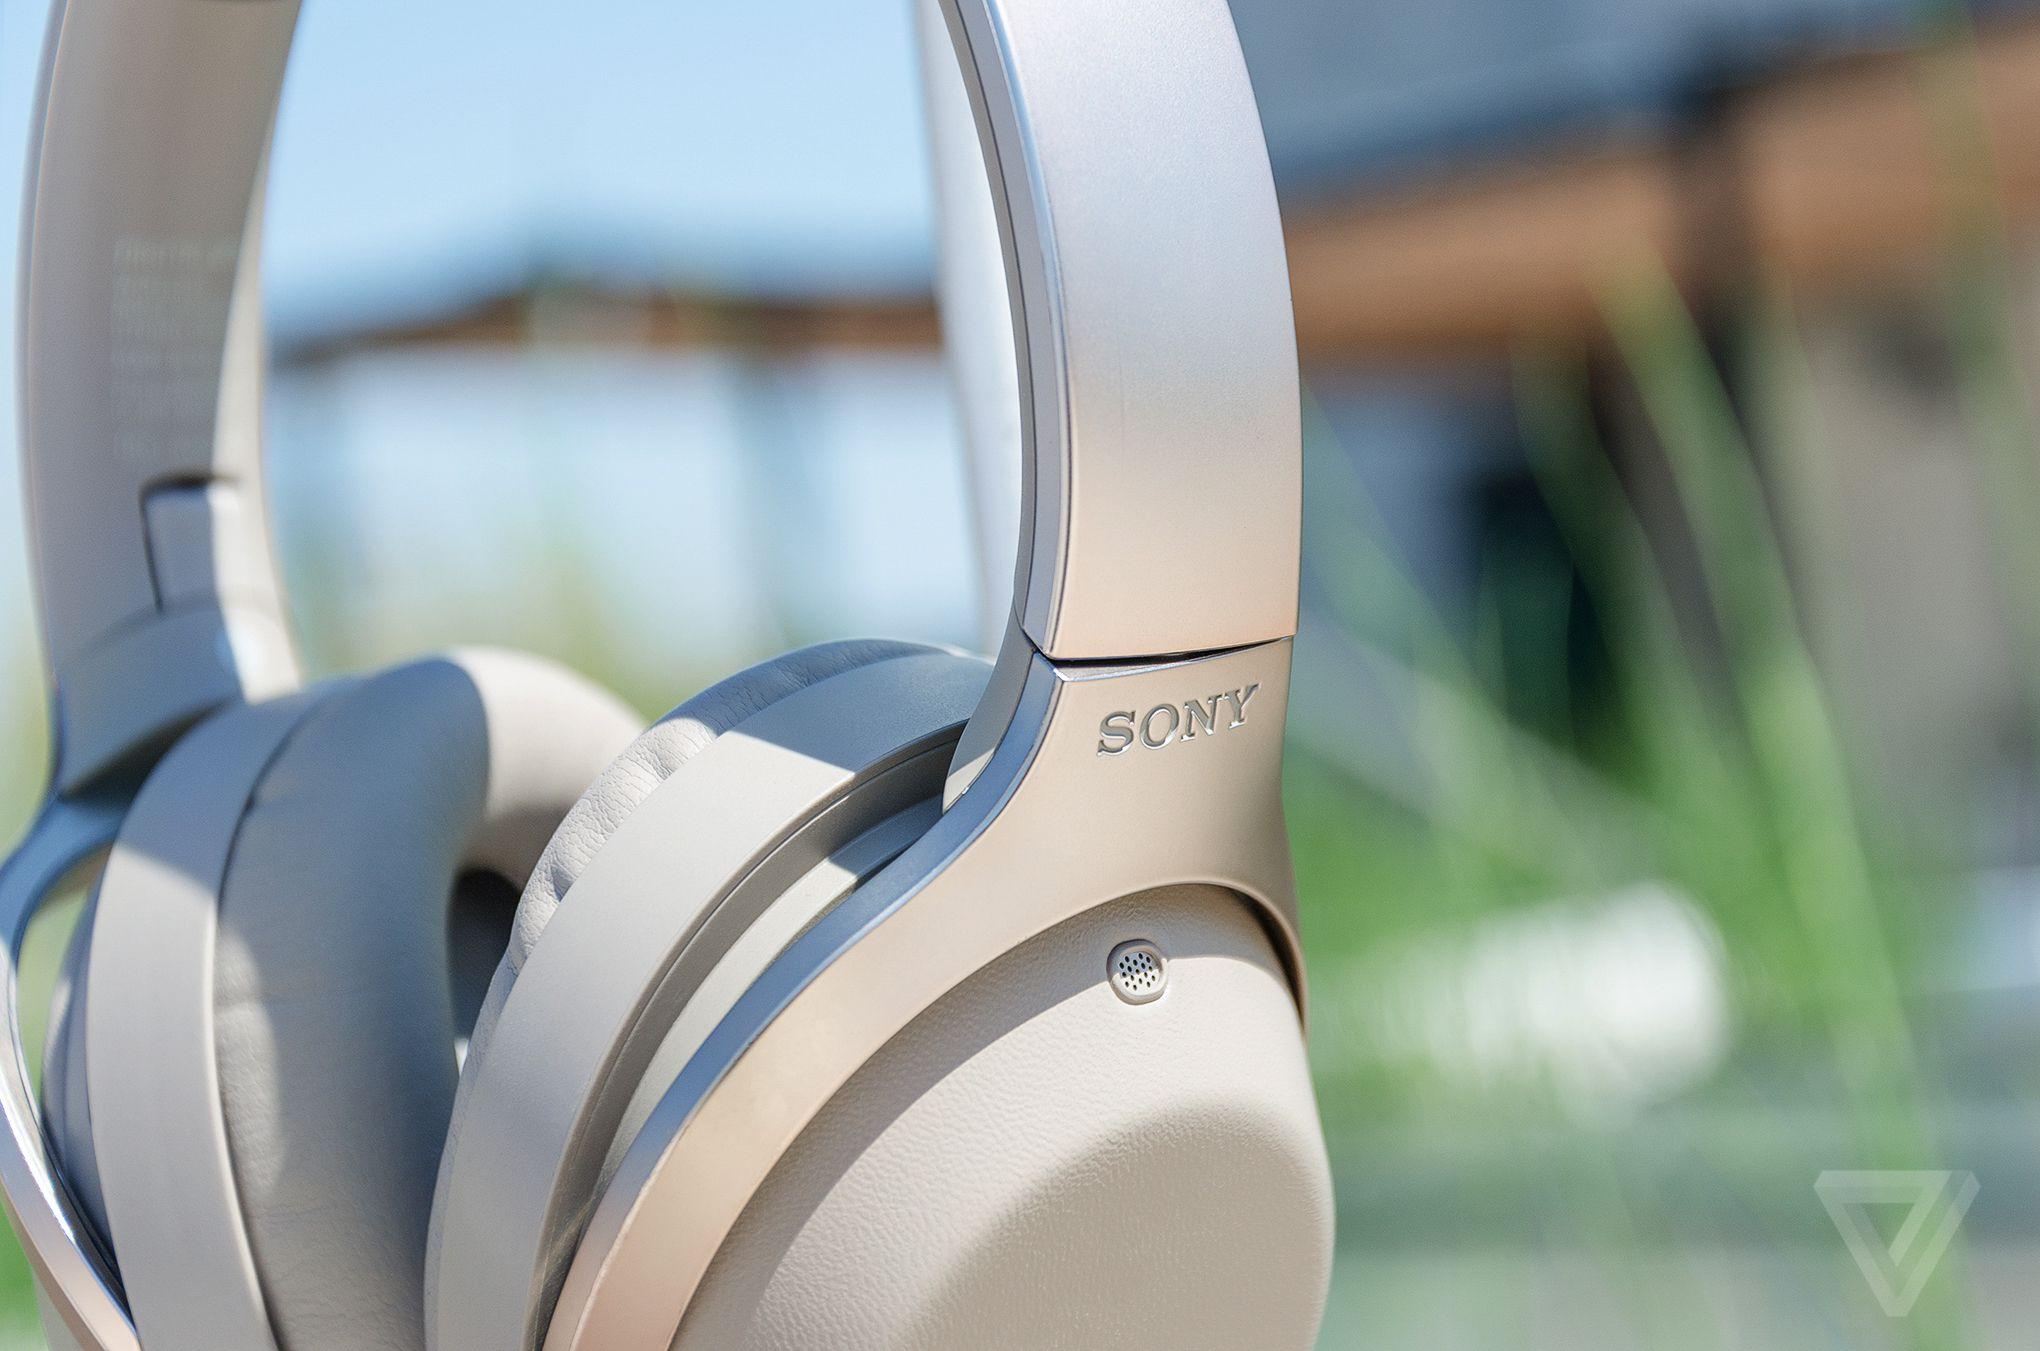 Closeup of MDR-1000X headphones